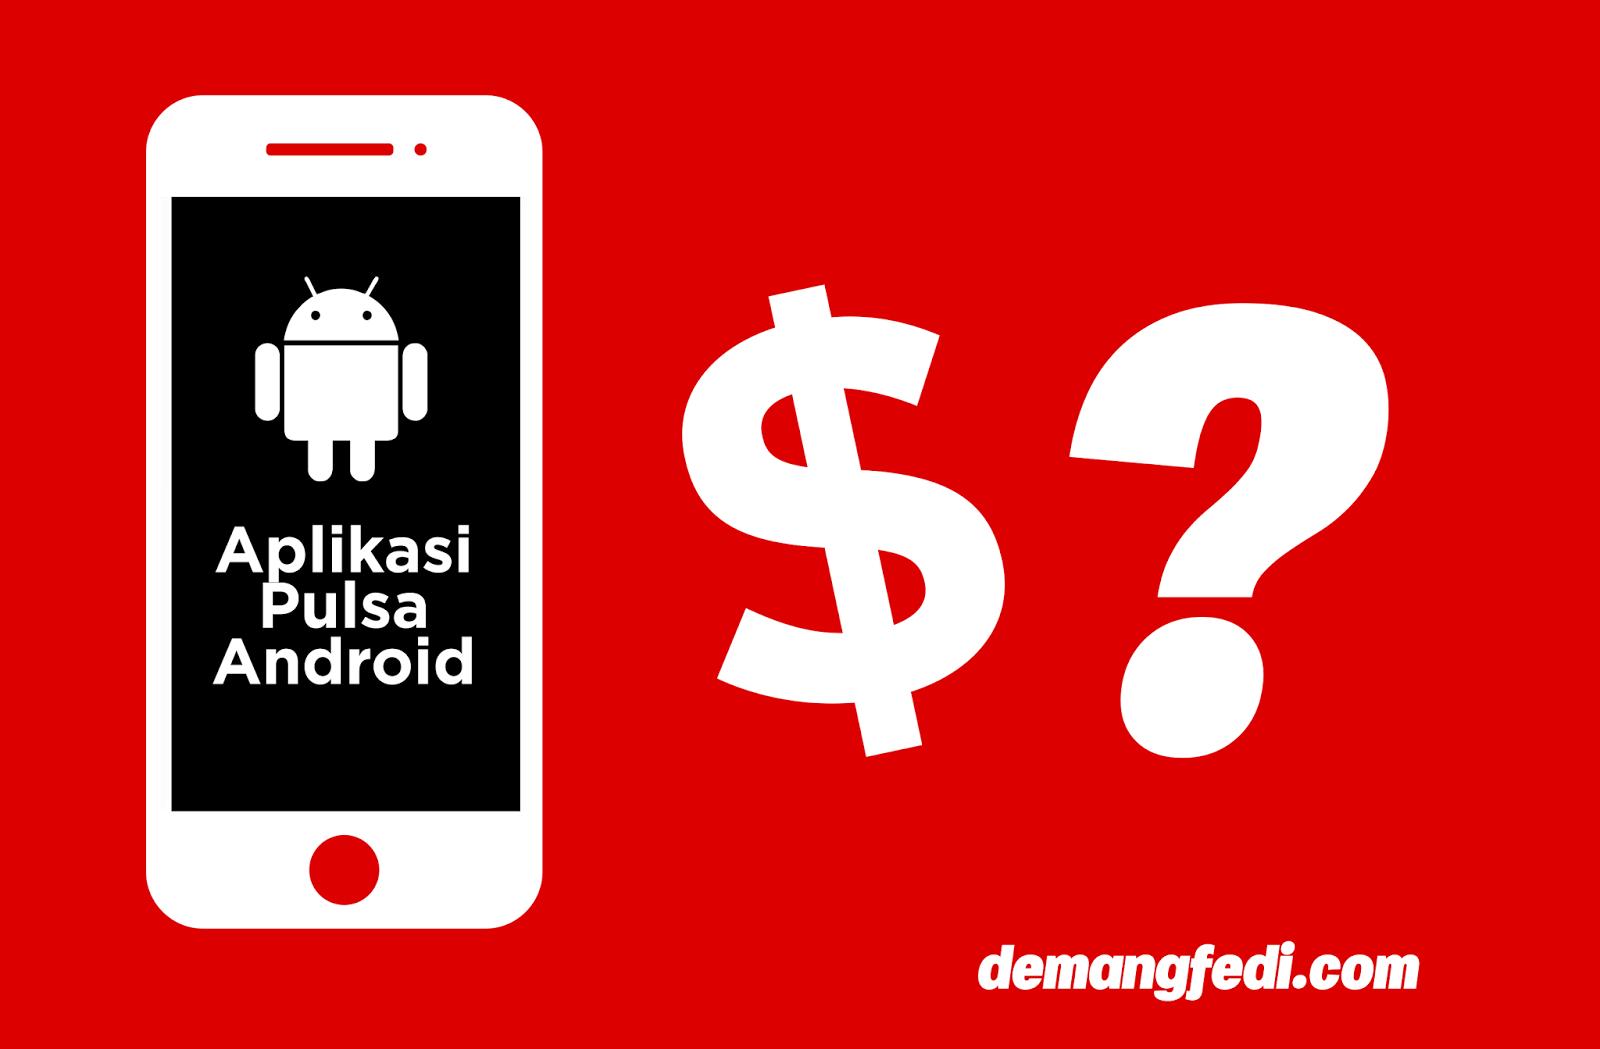 Harga Paket Kuota Internet XL di Aplikasi Android